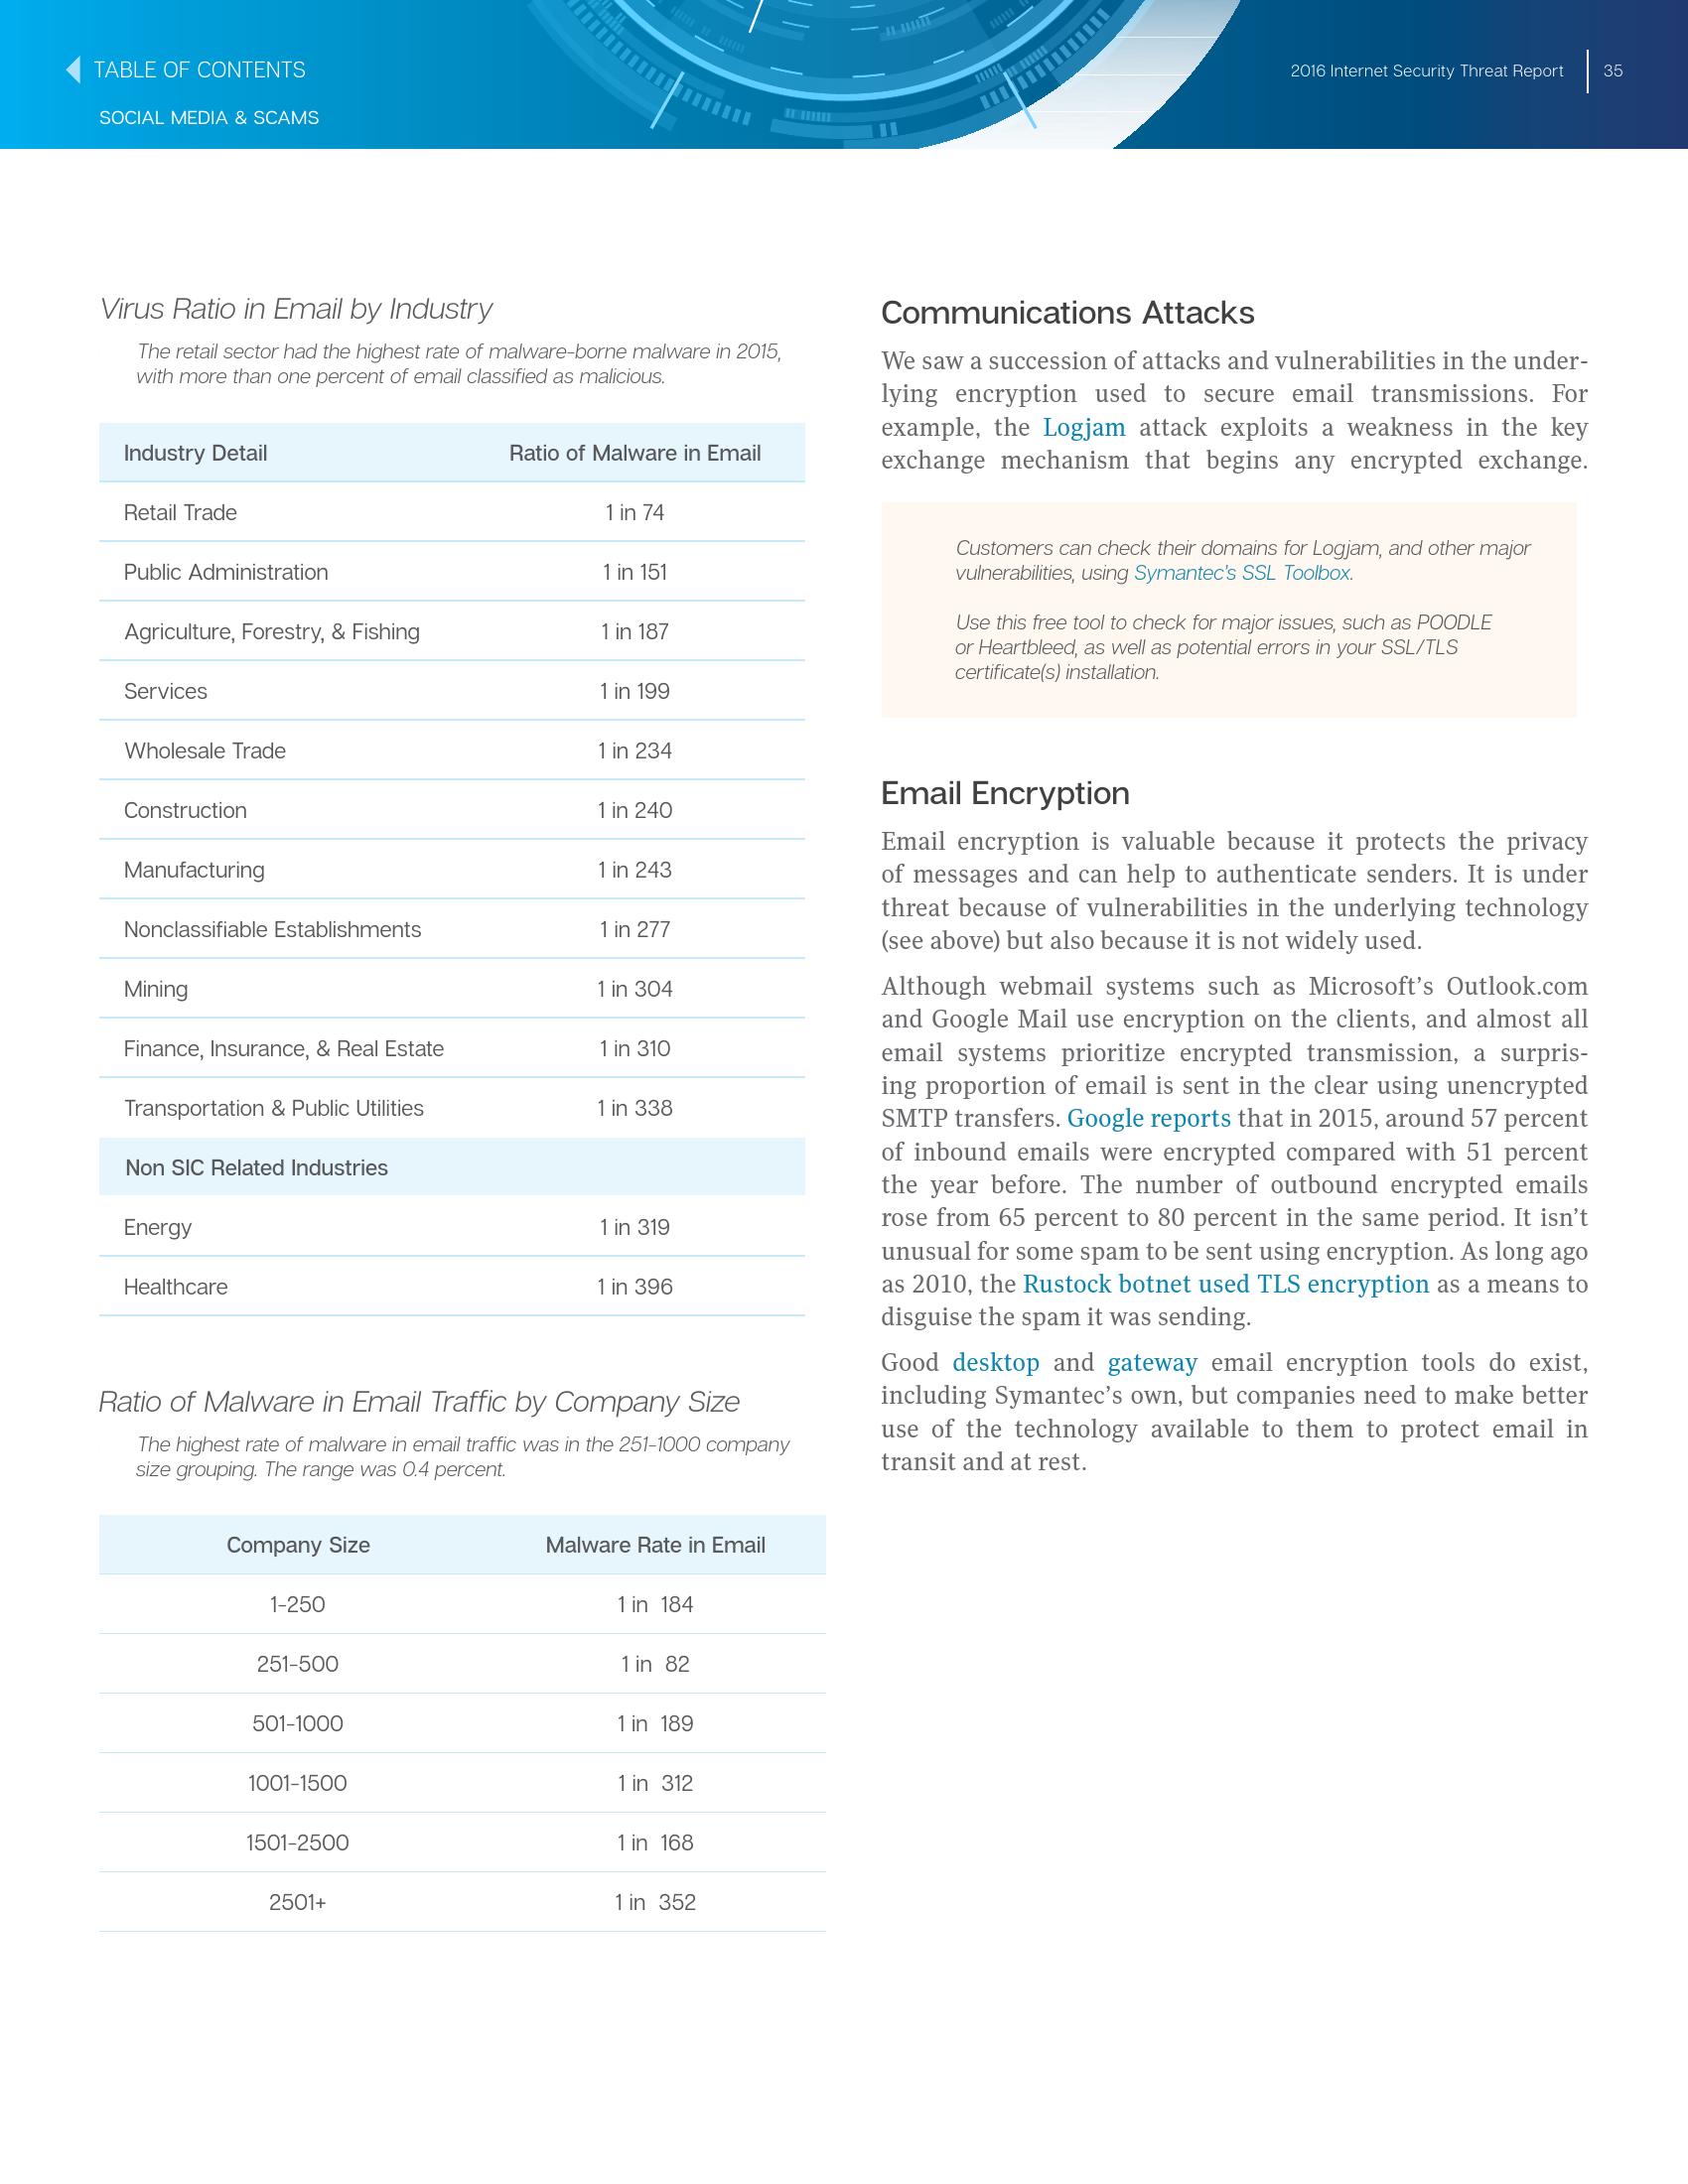 2016年互联网安全威胁报告_000035